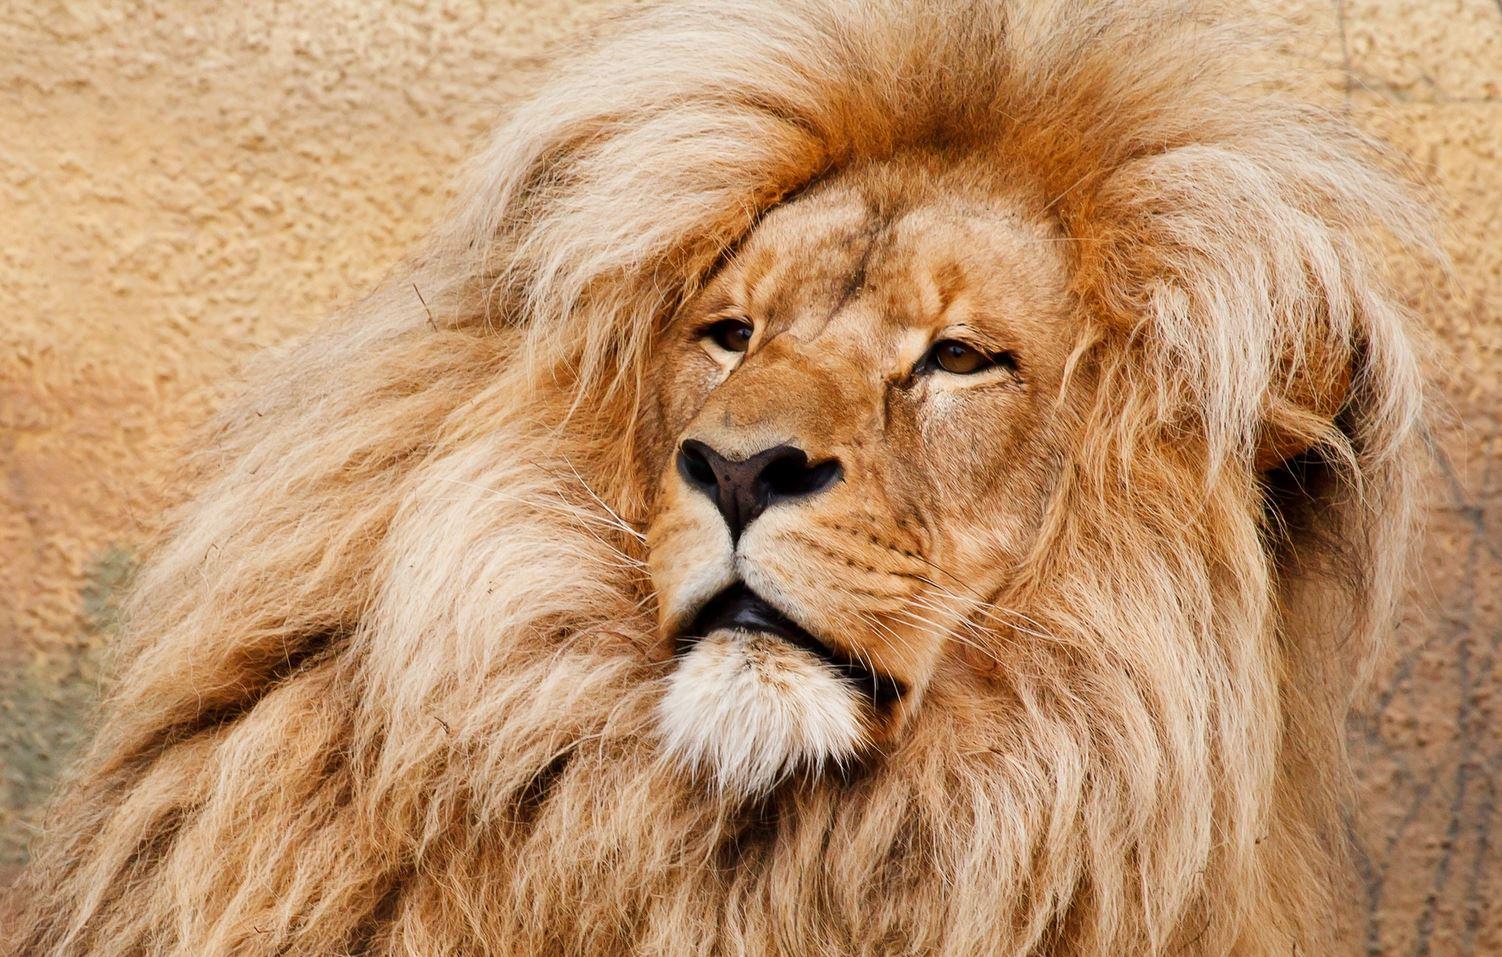 joululahjaksi rapu ja leijona